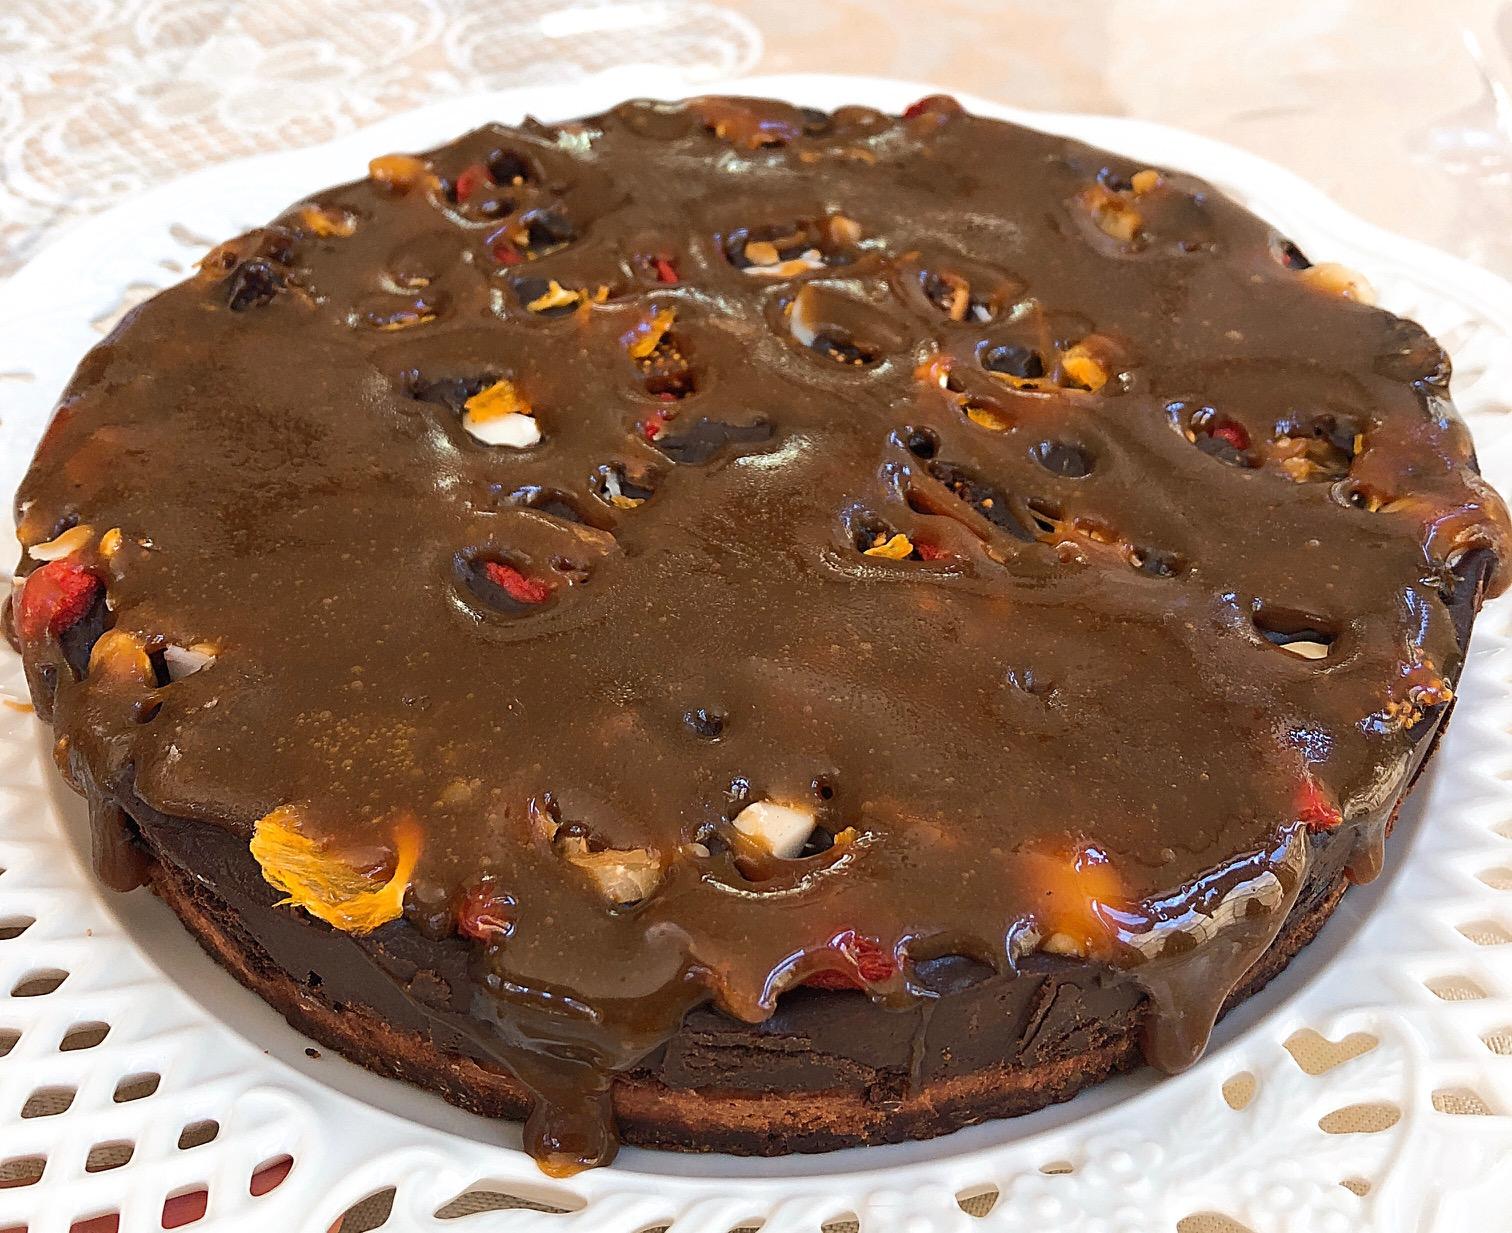 ≪Rawケーキ≫ラ・レコルト/実りの秋 (リッチ チョコレートケーキ&オリジナル生キャラメルかけ)18cmホール